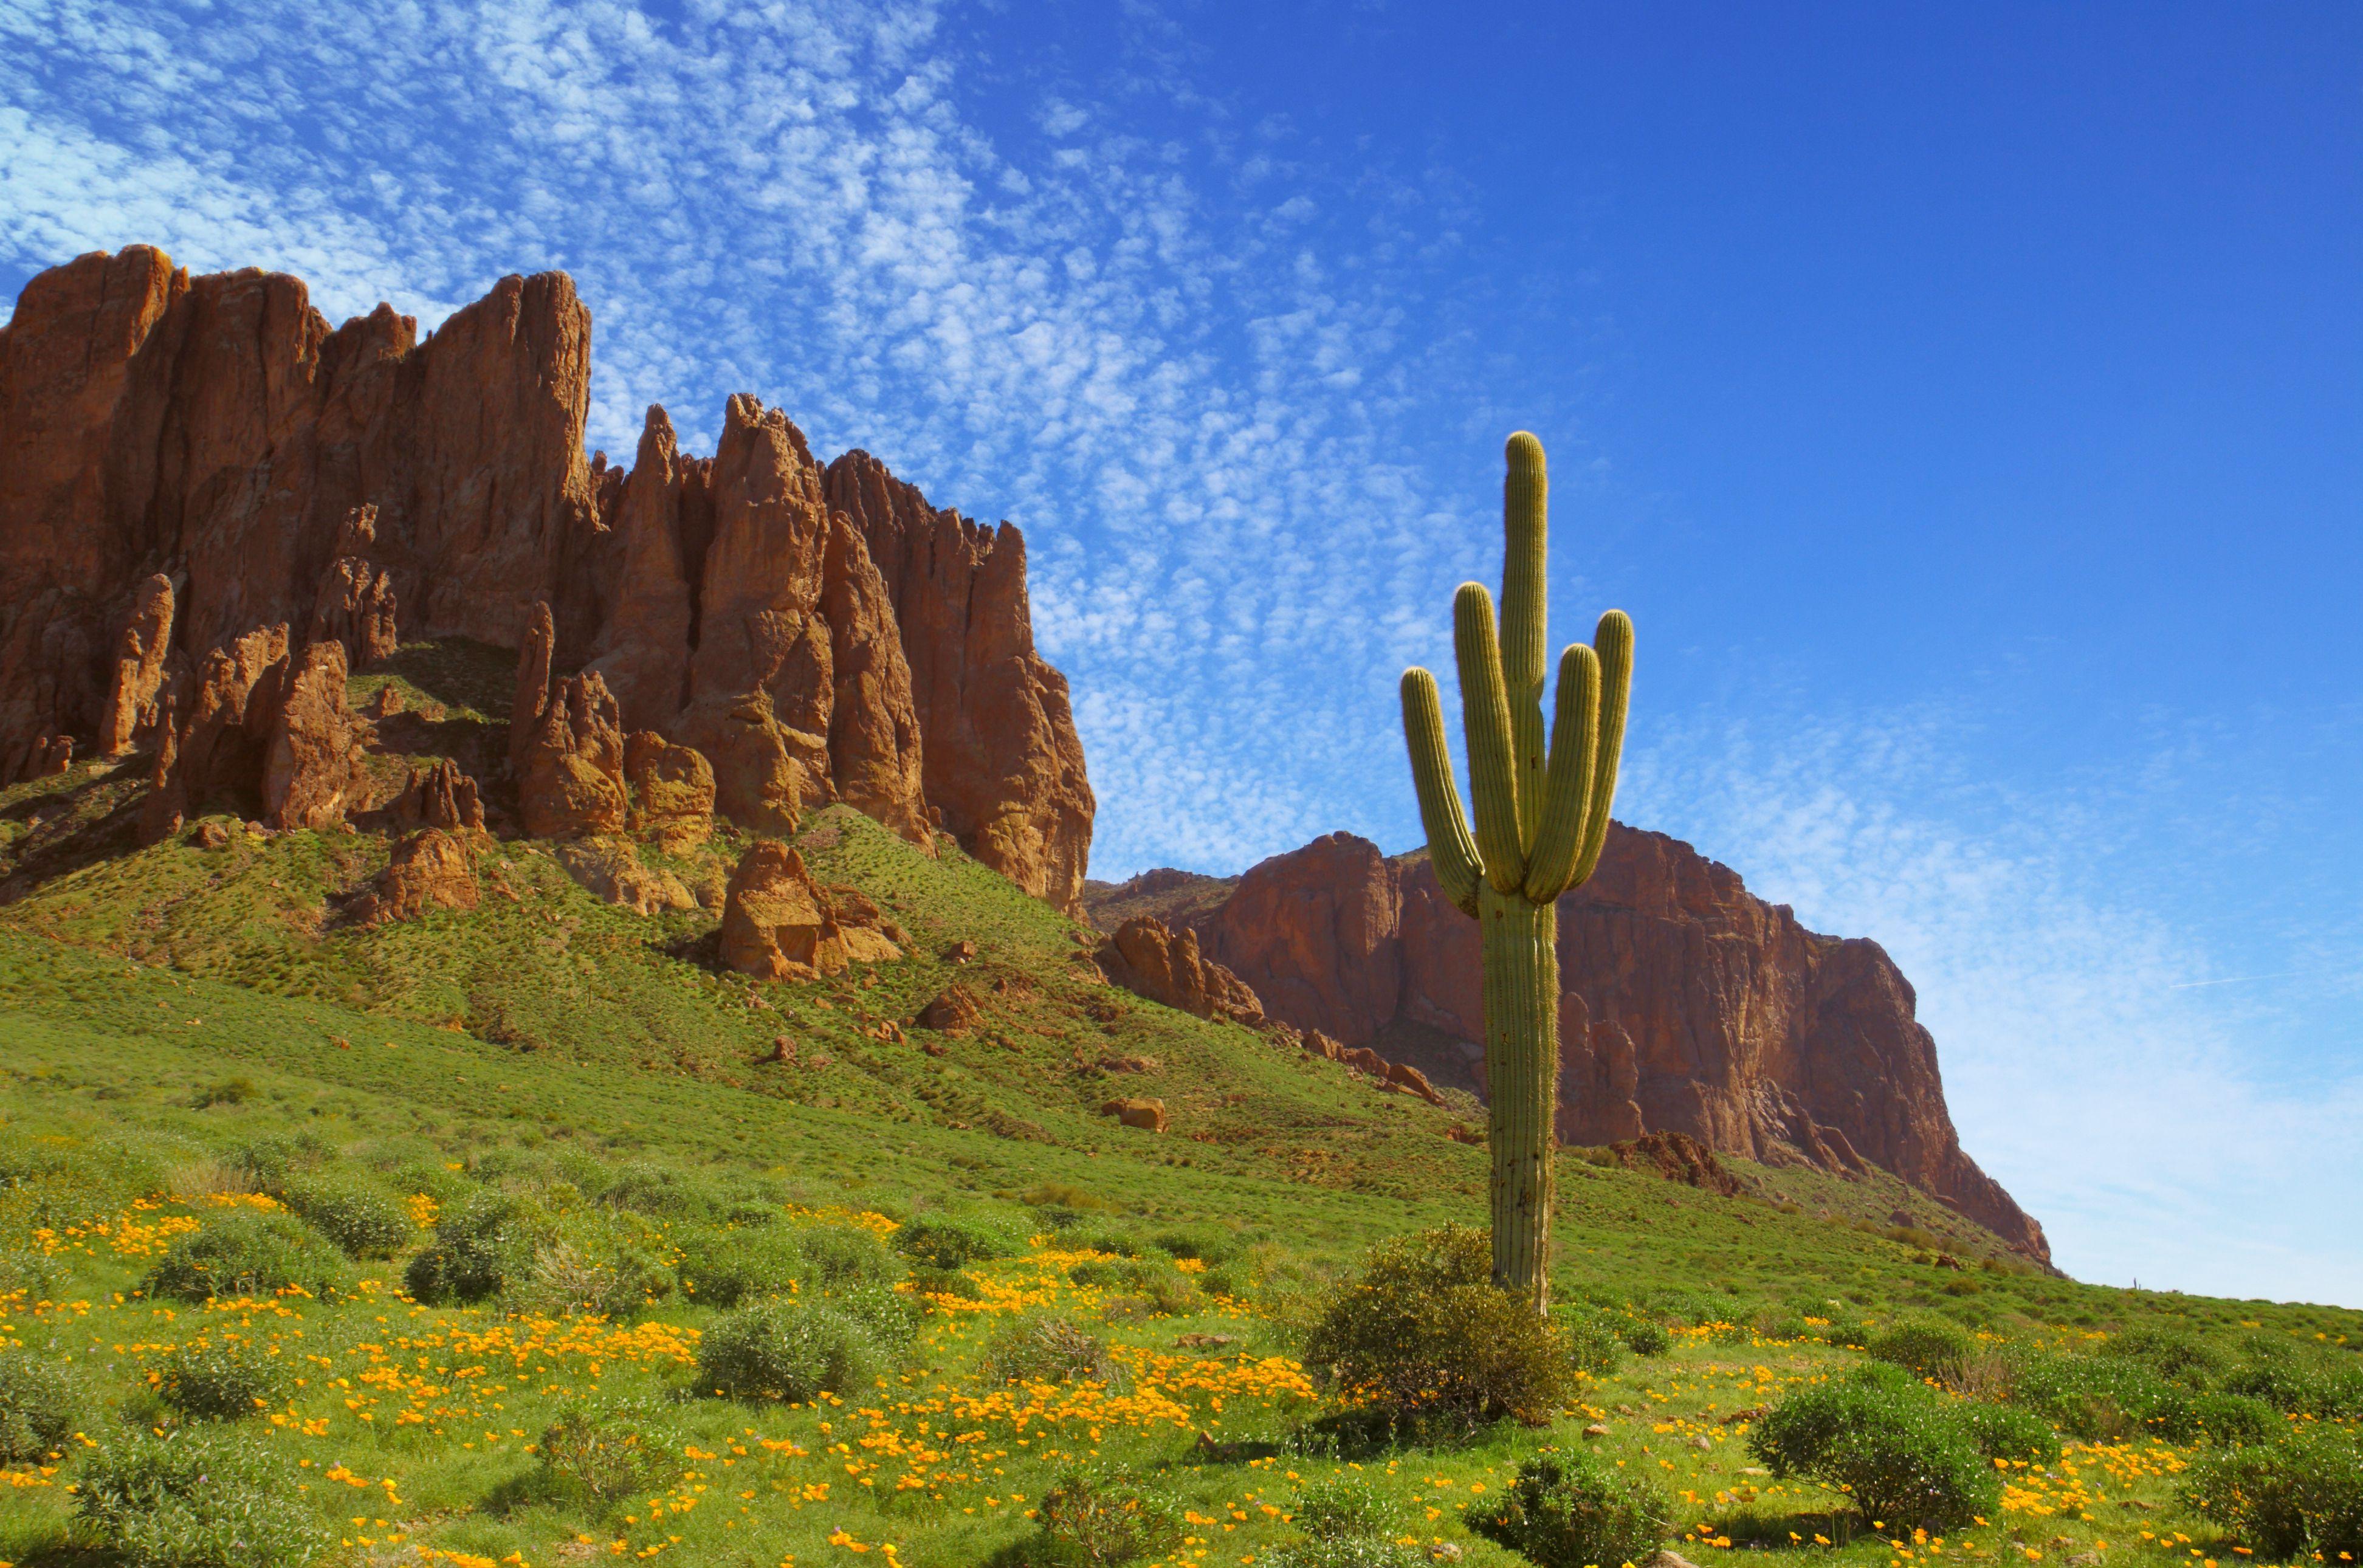 Prospector's View at Phoenix, Arizona